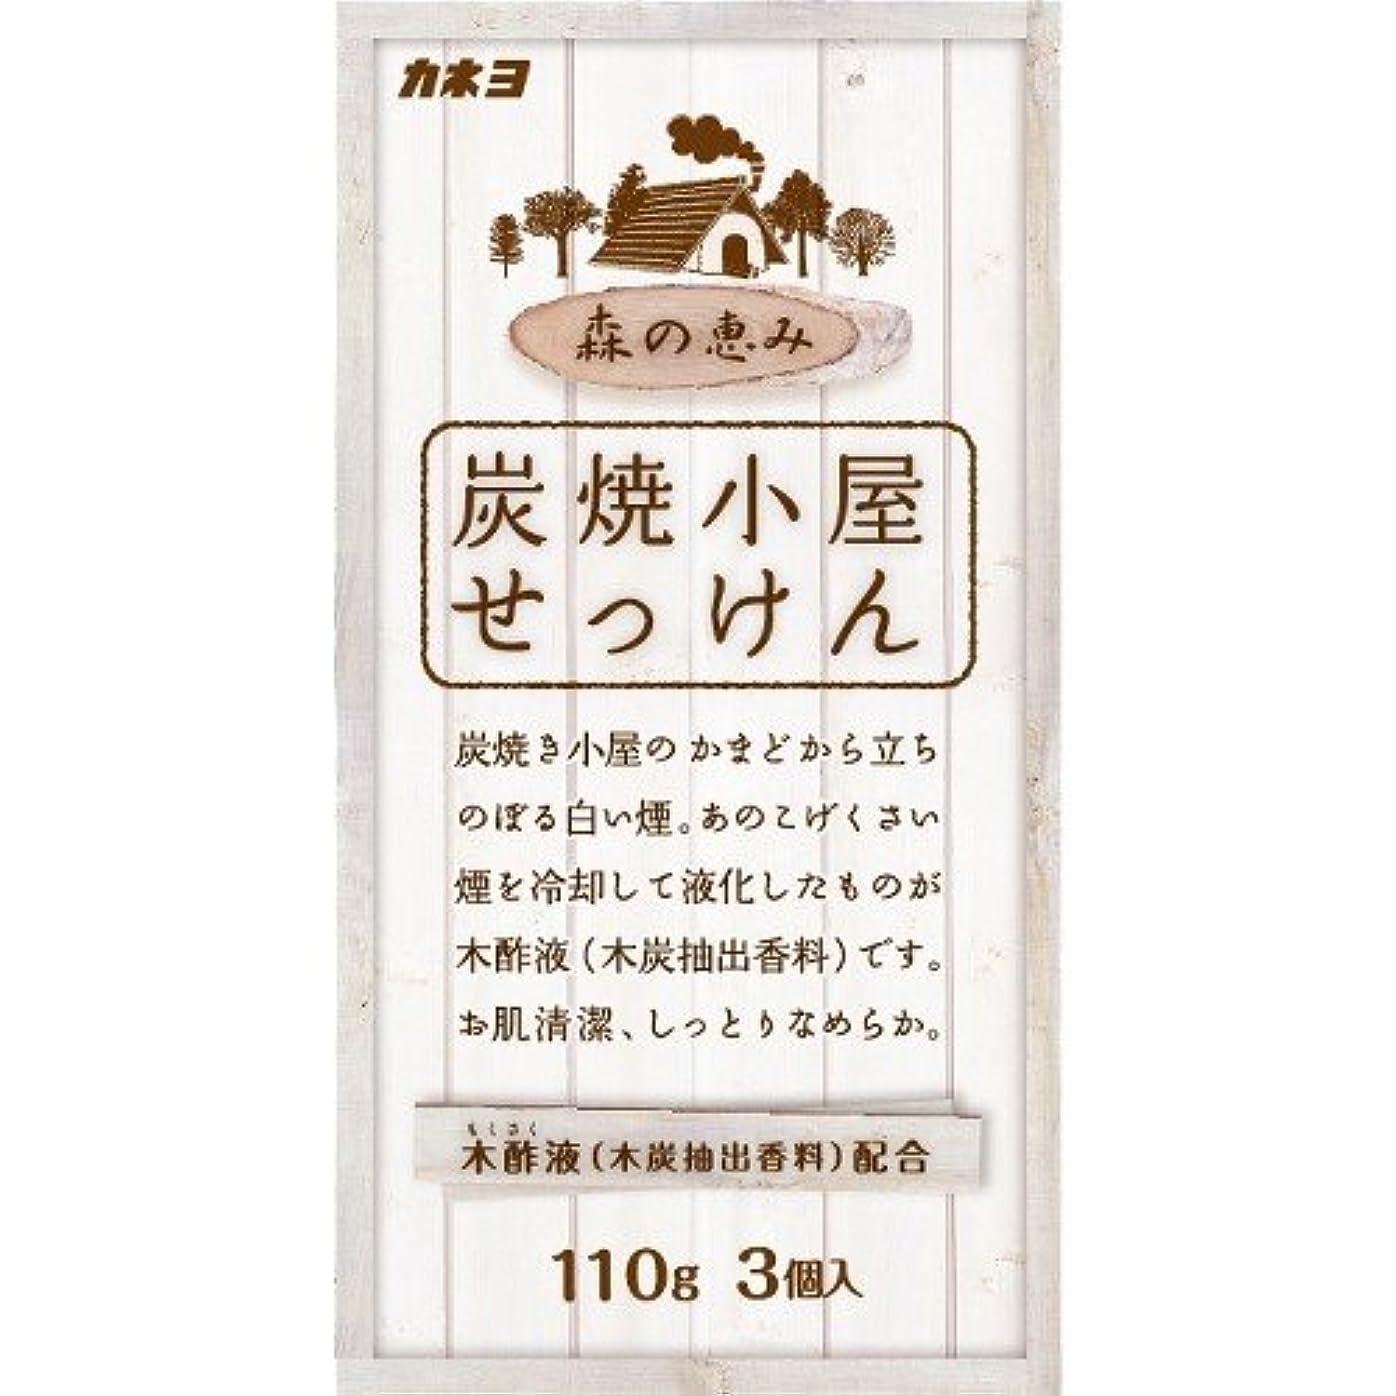 休暇先駆者研磨カネヨ石鹸 炭焼小屋 化粧石けん 110g×3個入